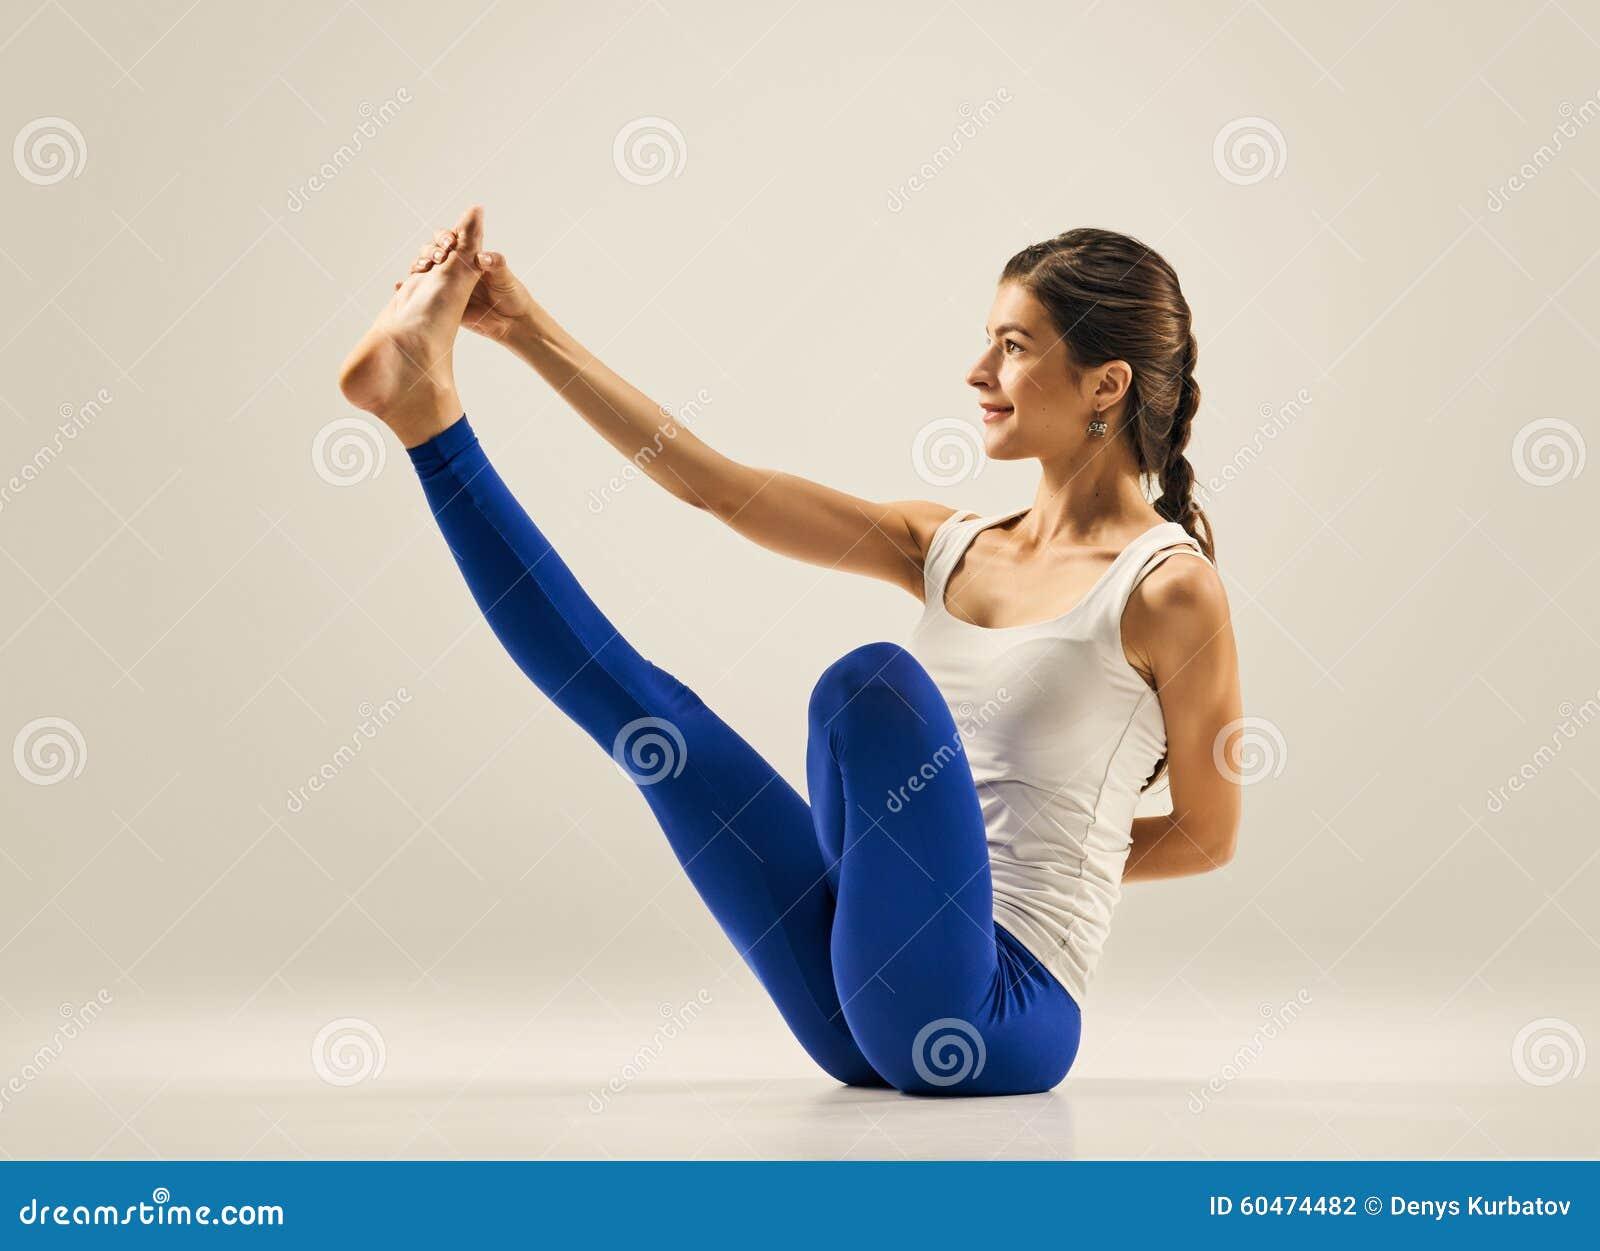 Yoga pose gymnastics seating balance stock photo for Floor yoga poses